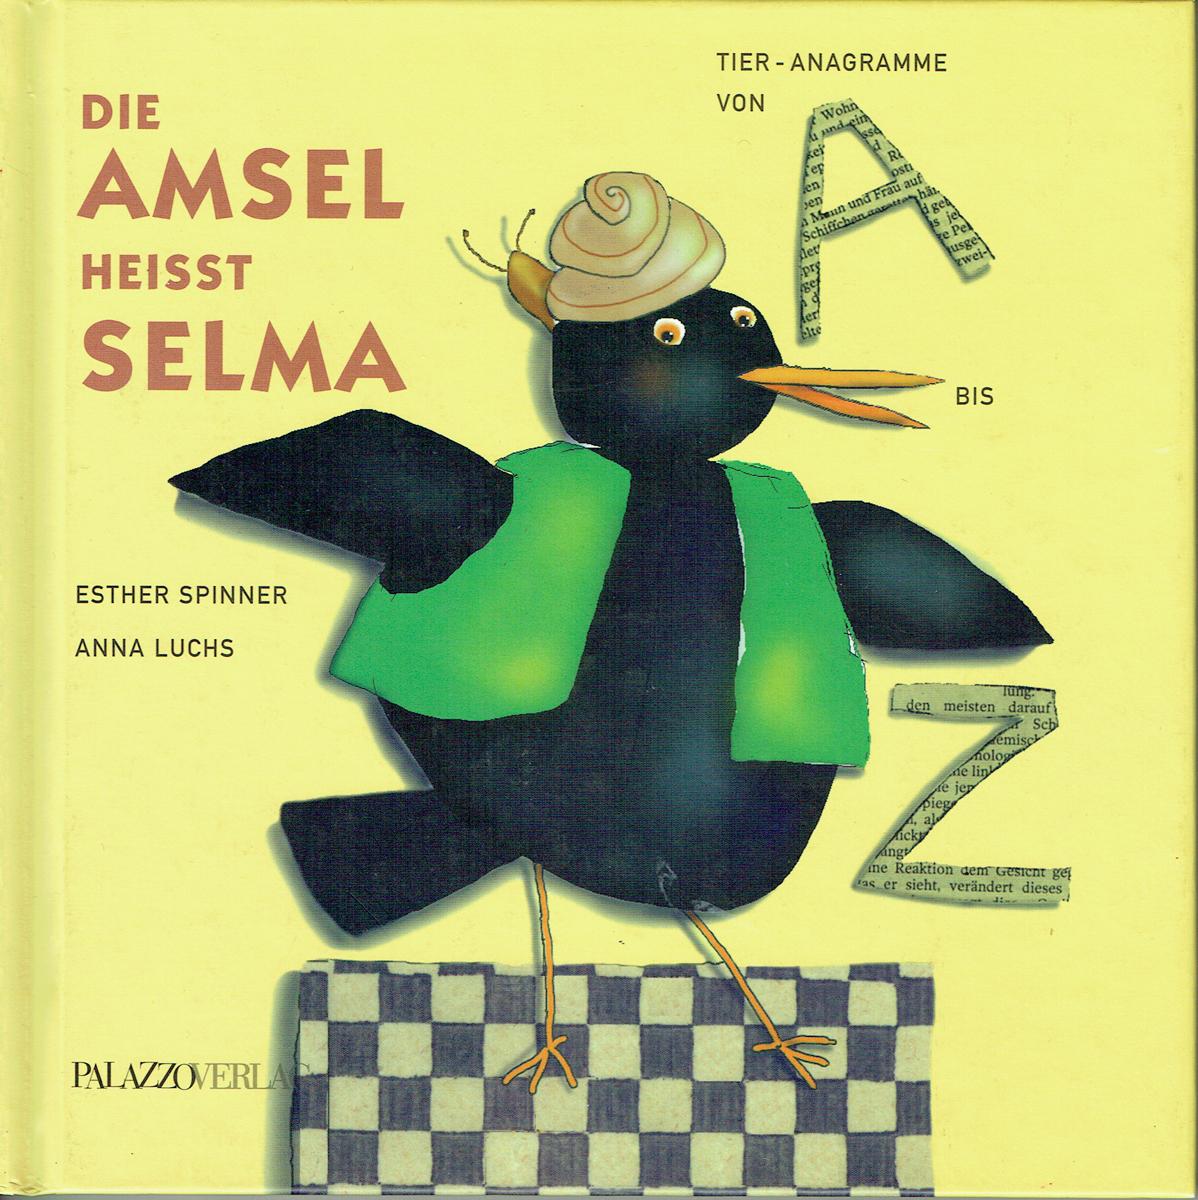 Die Amsel heisst Selma